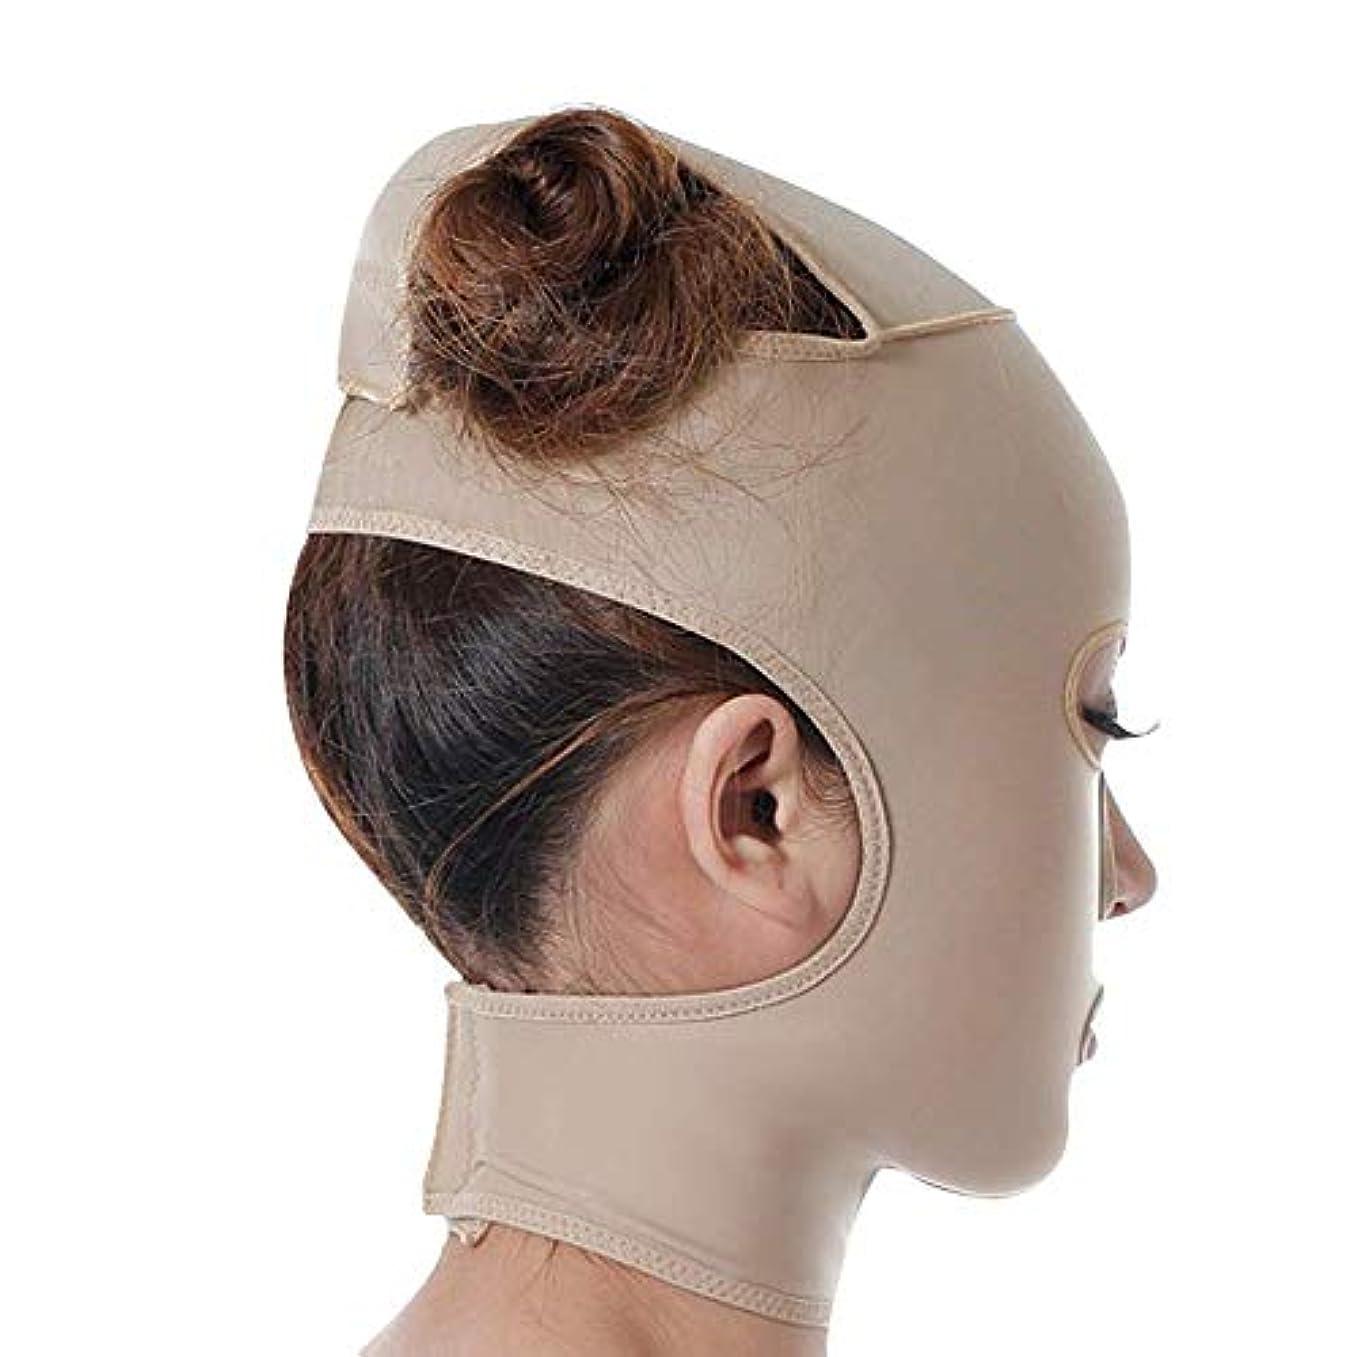 キルスチートキャラクターファーミングフェイスマスク、フェイシャルマスクビューティーメディシンフェイスマスクビューティーVフェイスバンデージラインカービングリフティングファーミングダブルチンマスク(サイズ:Xl)